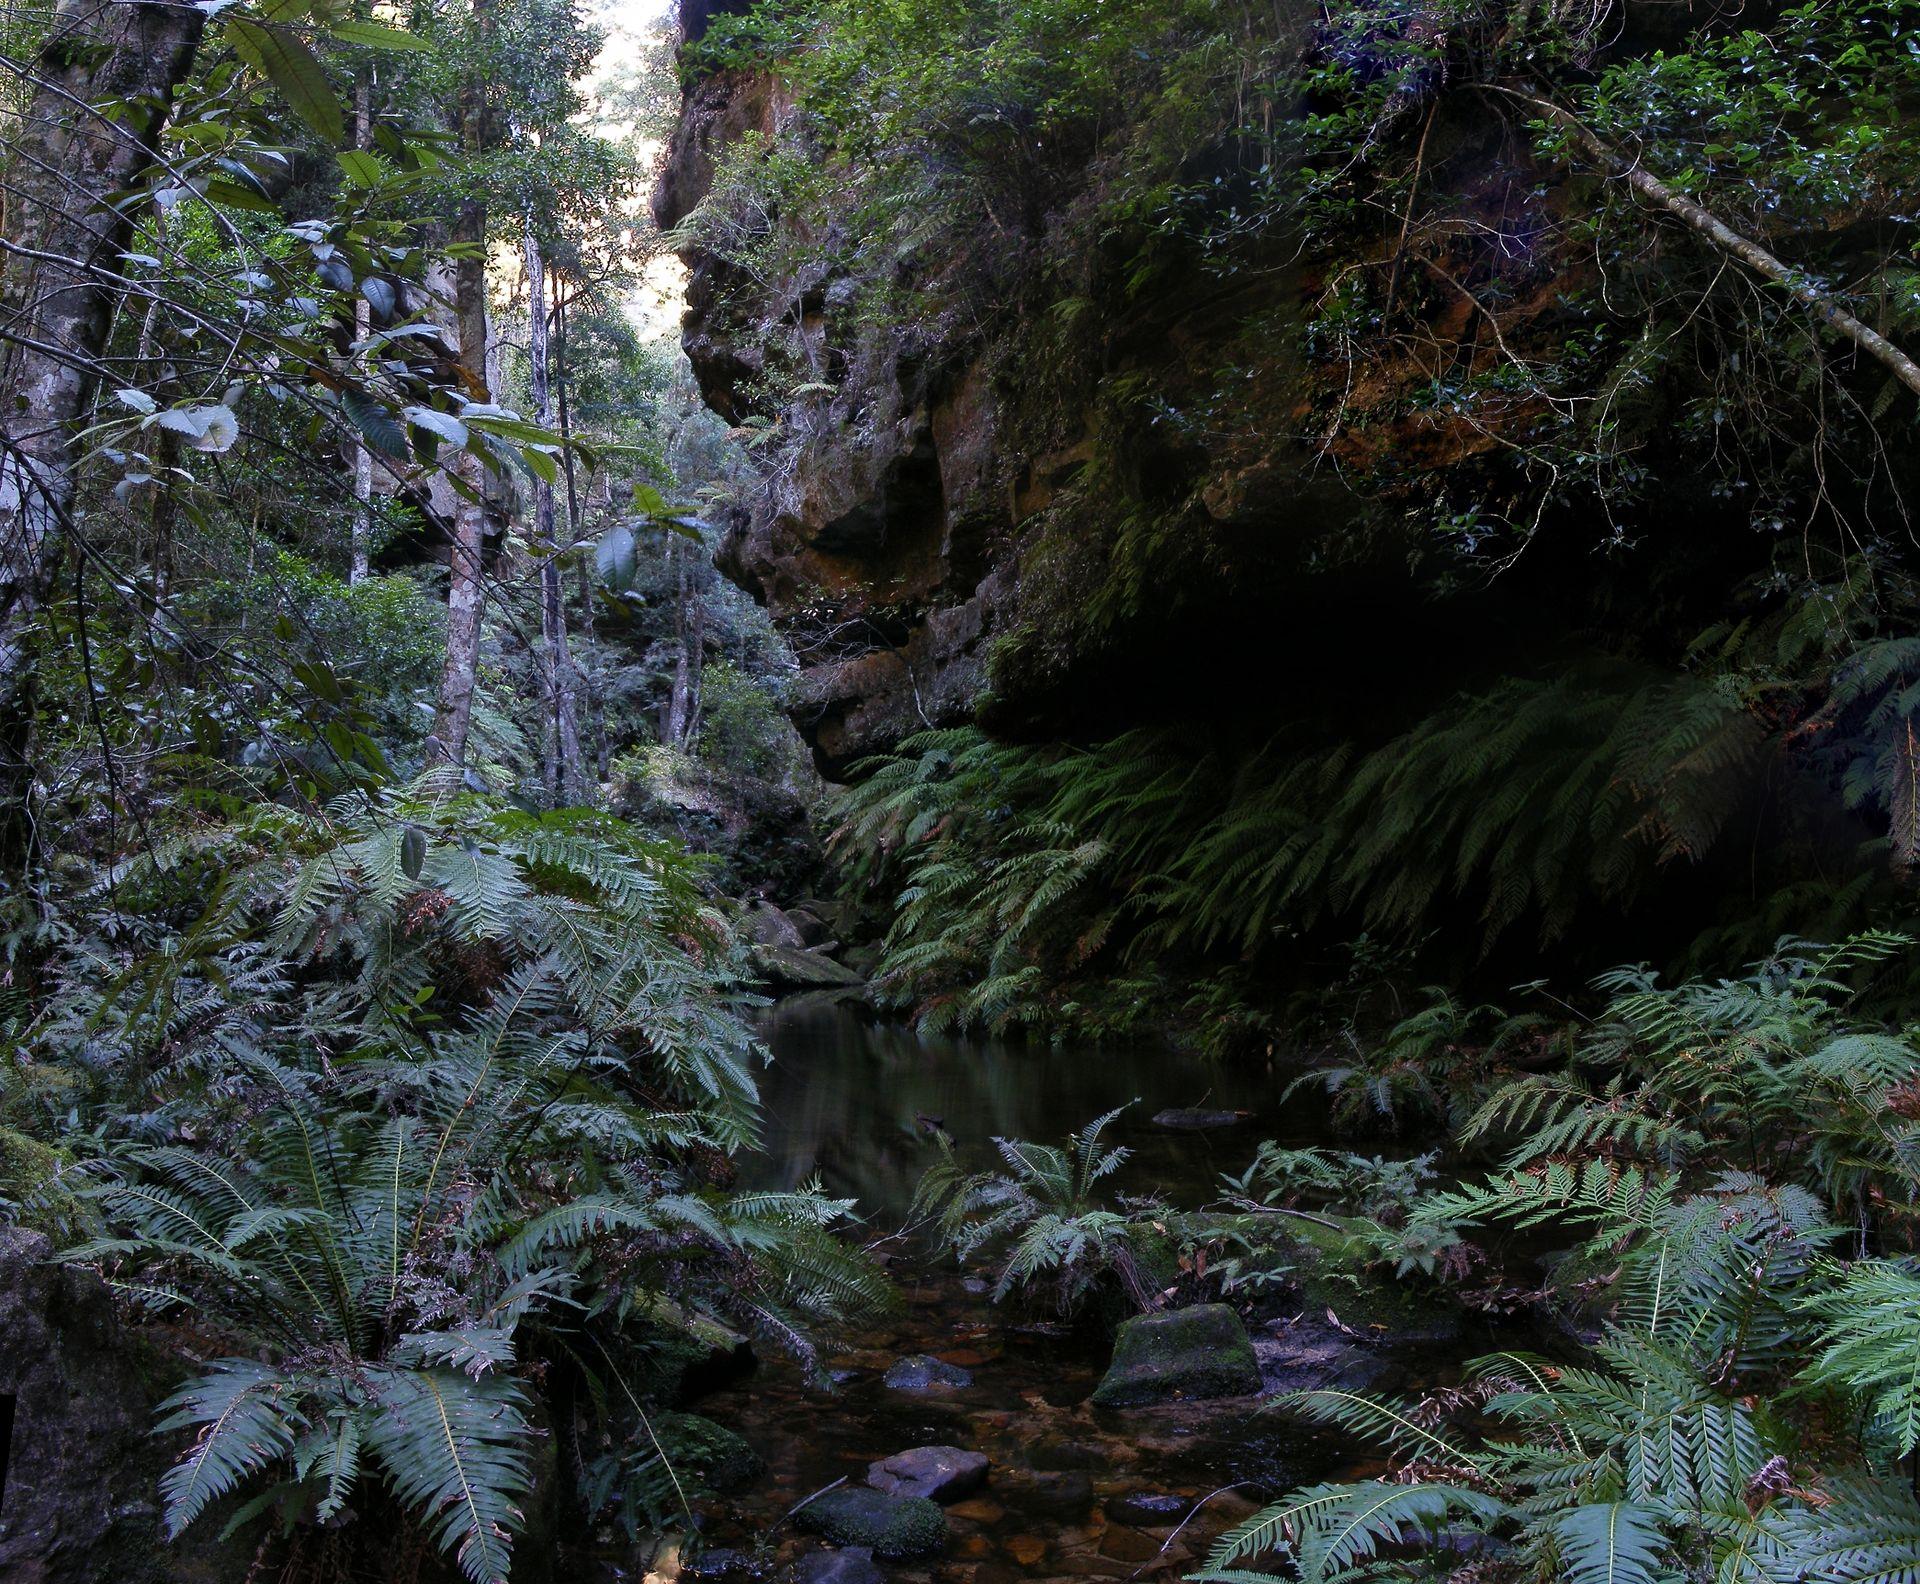 ブルー・マウンテンズ国立公園の画像 p1_22